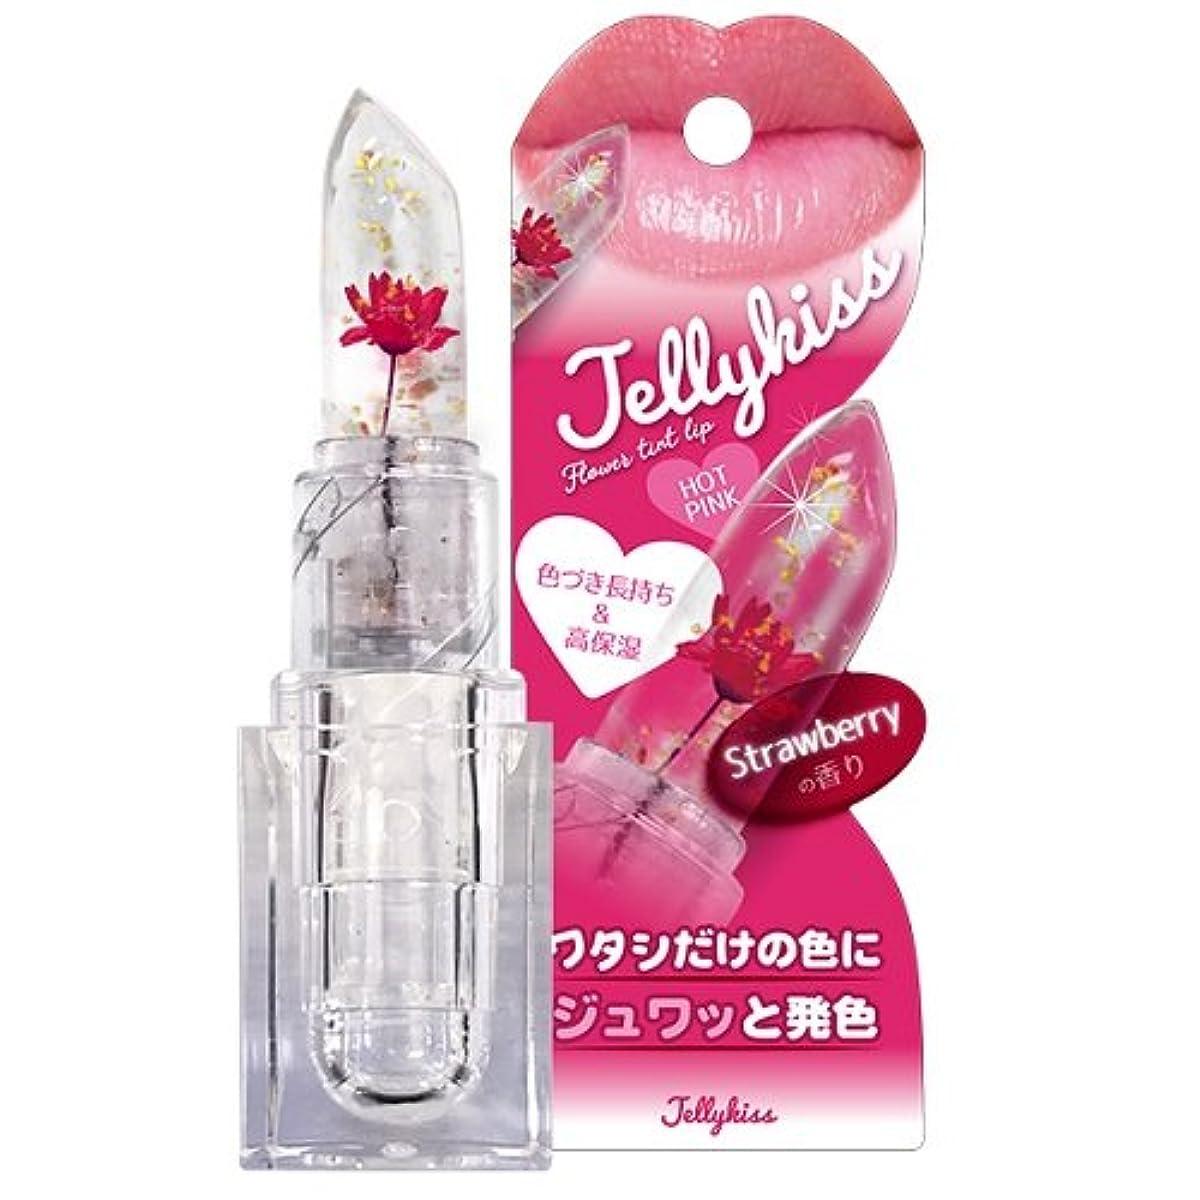 糸行為偏見ジェリキス (Jelly kiss) 01 ホットピンク 3.5g